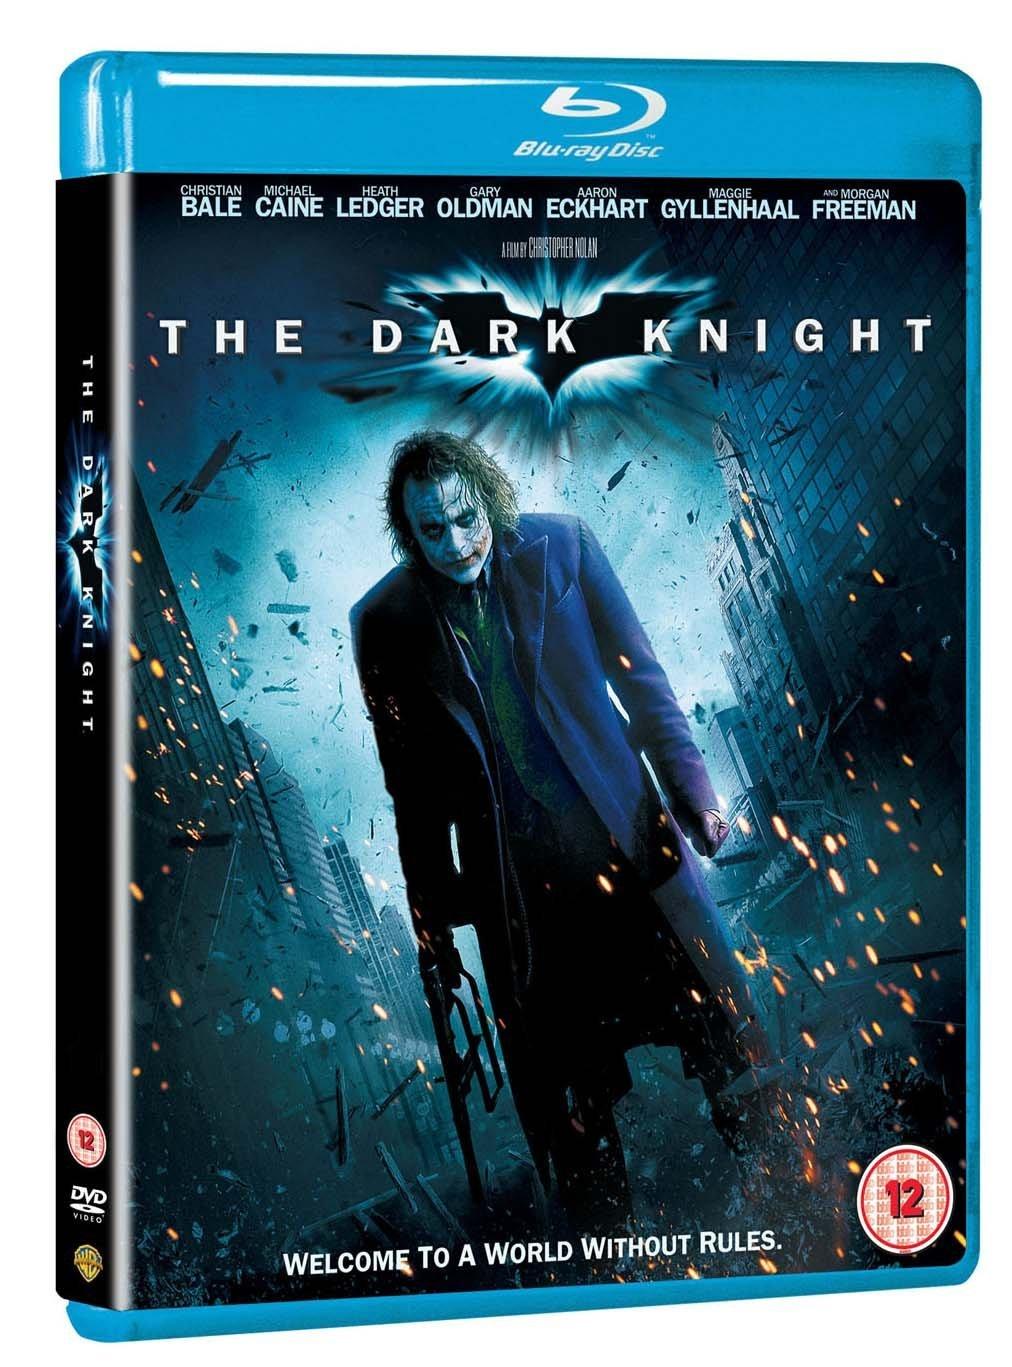 The Dark Knight [Batman] [2 Disk Special Edition] [Blu-ray] [2008] [Region Free]